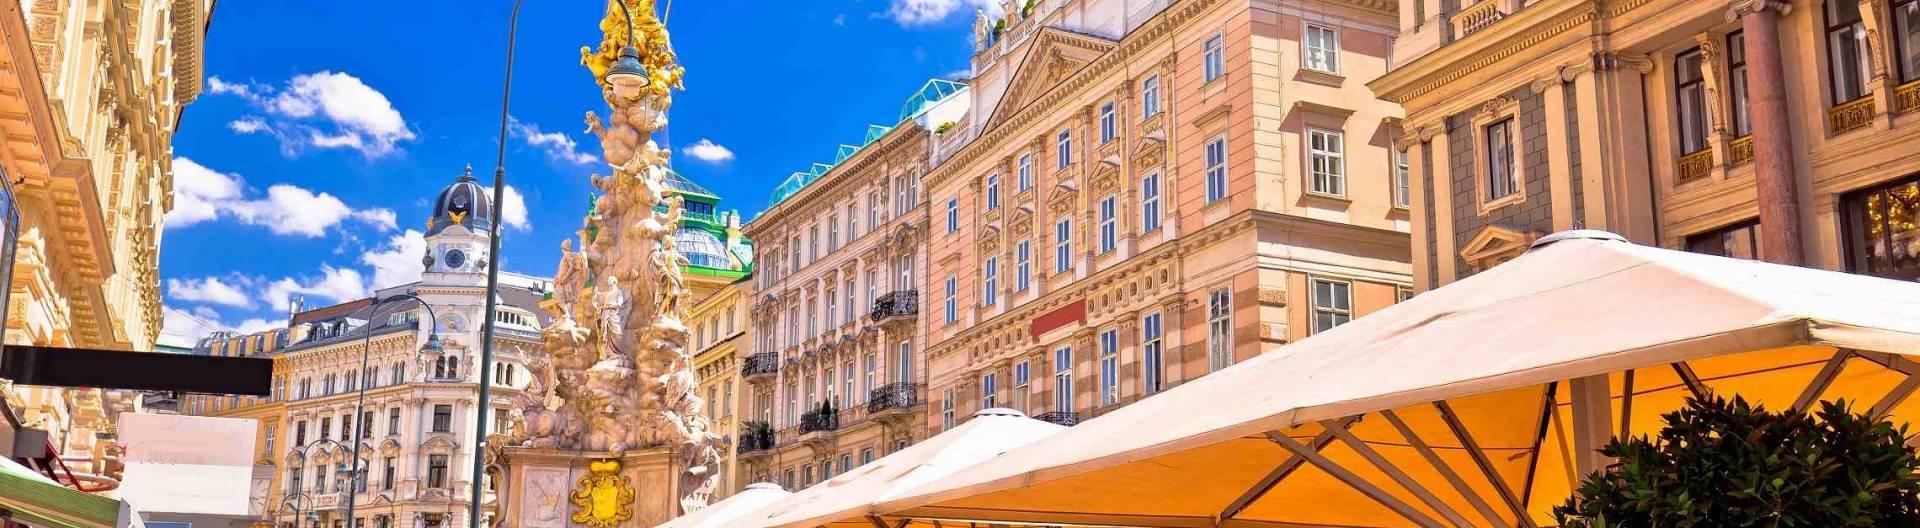 Historiallinen-aukio-Wienissä-Itävalta-1920x528.jpg